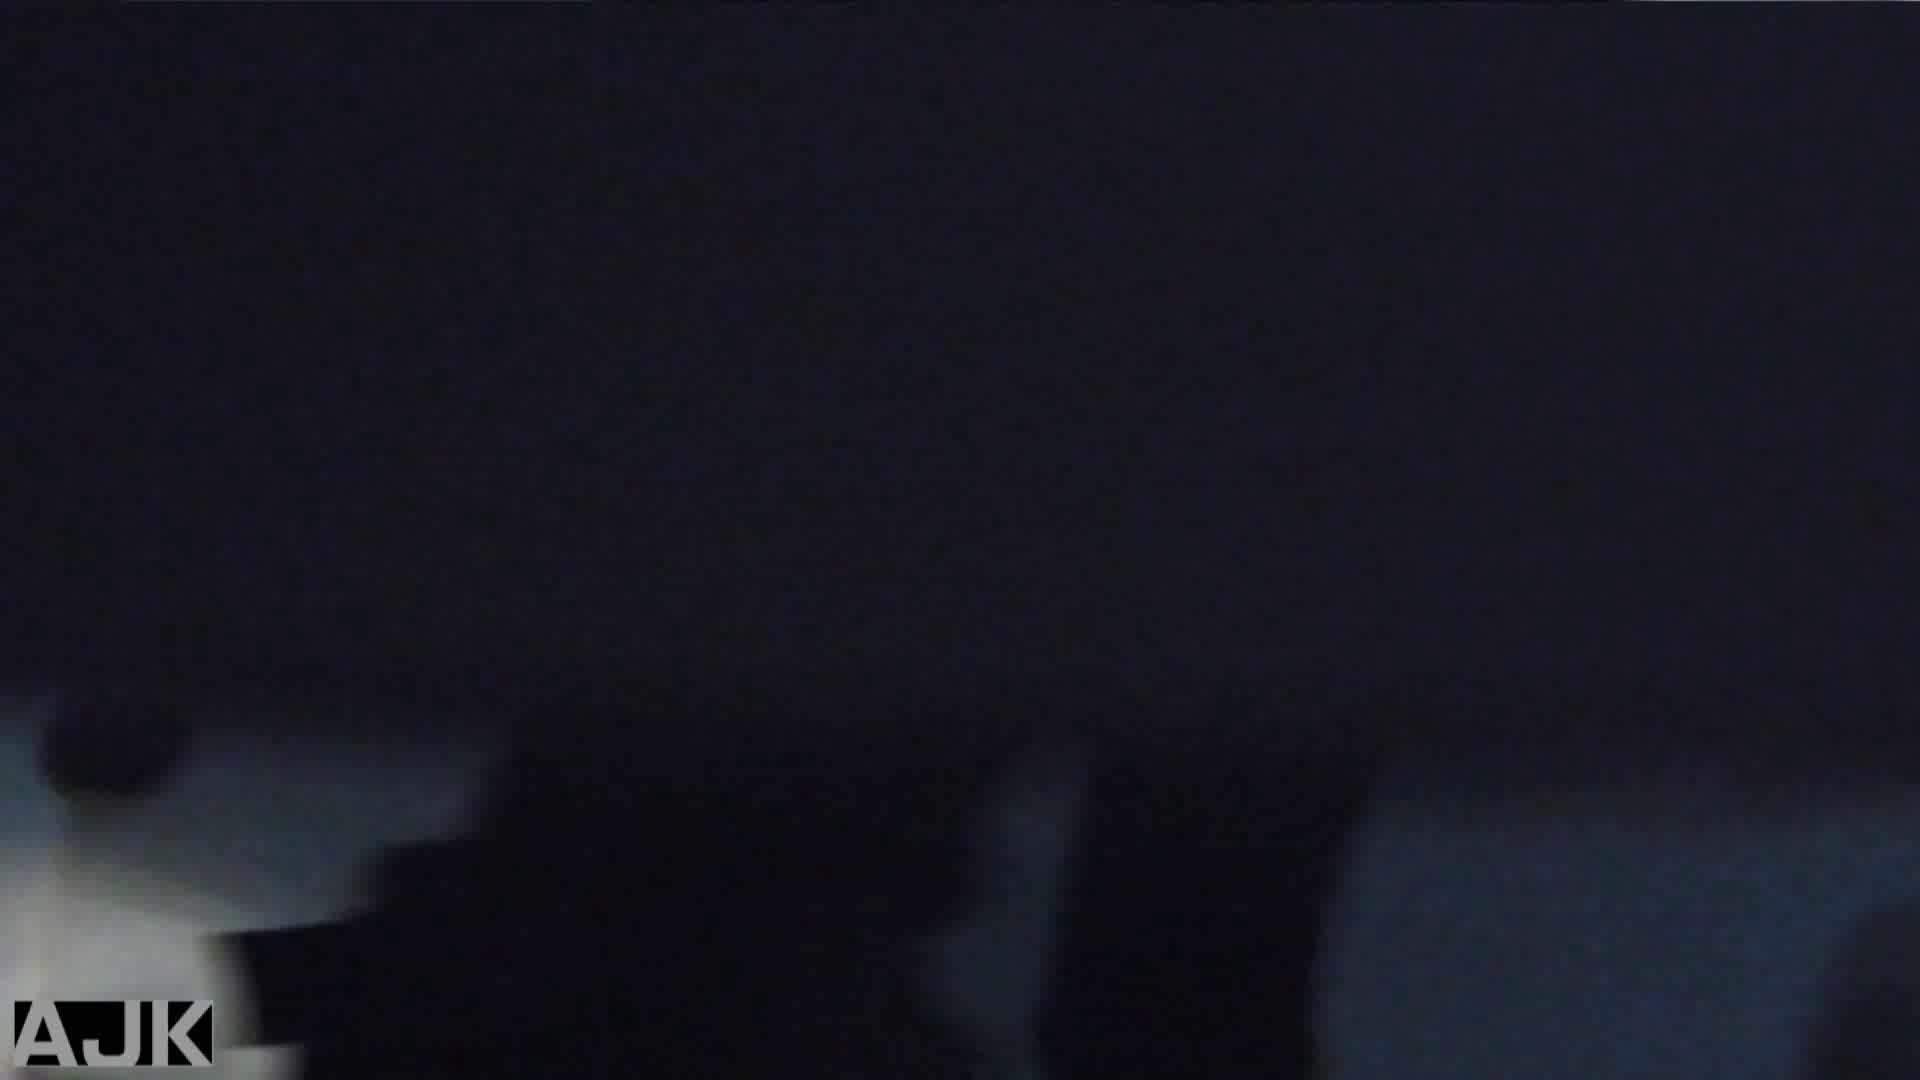 神降臨!史上最強の潜入かわや! vol.05 肛門丸見え 覗きおまんこ画像 69pic 13